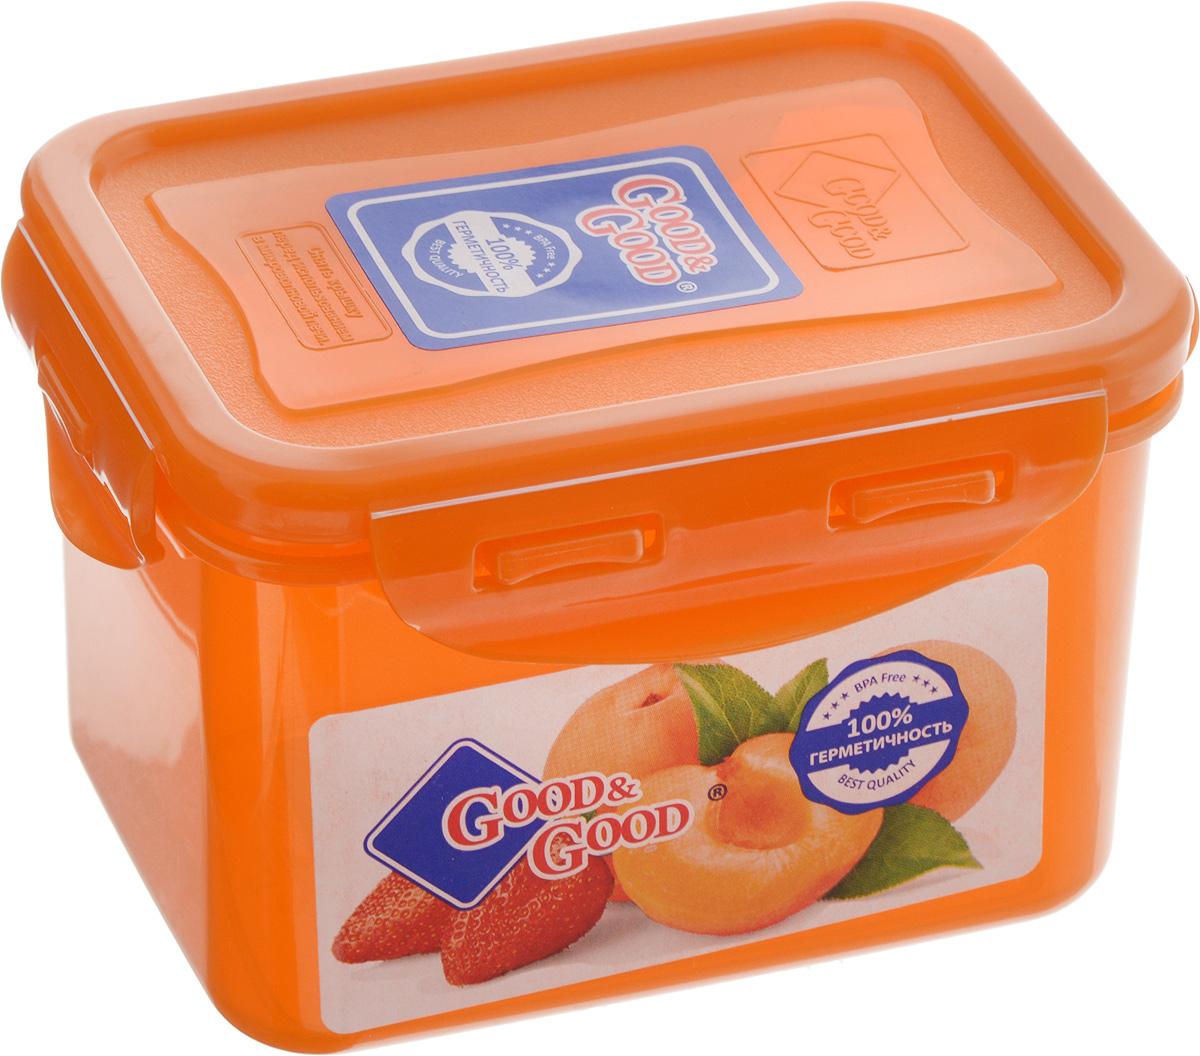 Контейнер пищевой Good&Good, цвет: оранжевый, 630 мл4630003364517Прямоугольный контейнер Good&Good изготовлен из высококачественного полипропилена и предназначен для хранения любых пищевых продуктов. Благодаря особым технологиям изготовления, лотки в течение времени службы не меняют цвет и не пропитываются запахами. Крышка с силиконовой вставкой герметично защелкивается специальным механизмом. Контейнер Good&Good удобен для ежедневного использования в быту.Можно мыть в посудомоечной машине и использовать в микроволновой печи.Размер контейнера (с учетом крышки): 13 х 10 х 8,5 см.